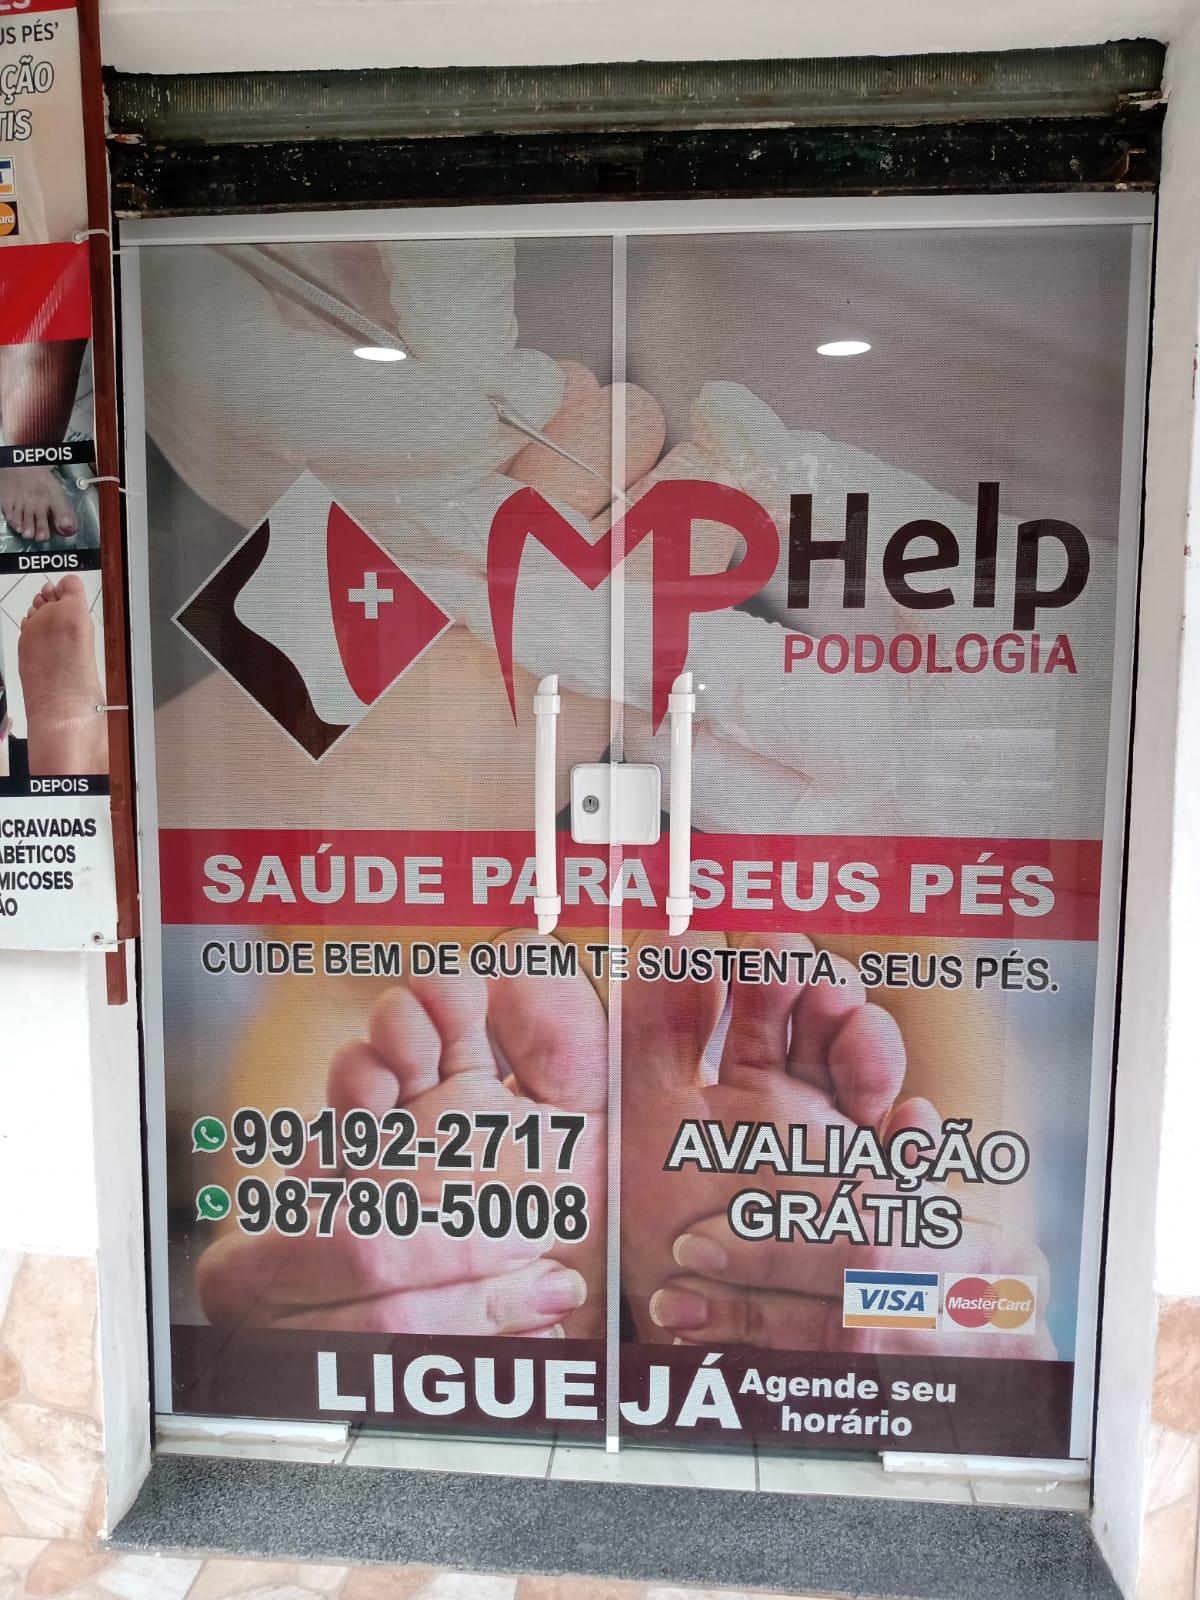 CLÍNICA DE PODOLOGIA NO CENTRO DE MAGÉ - RJ